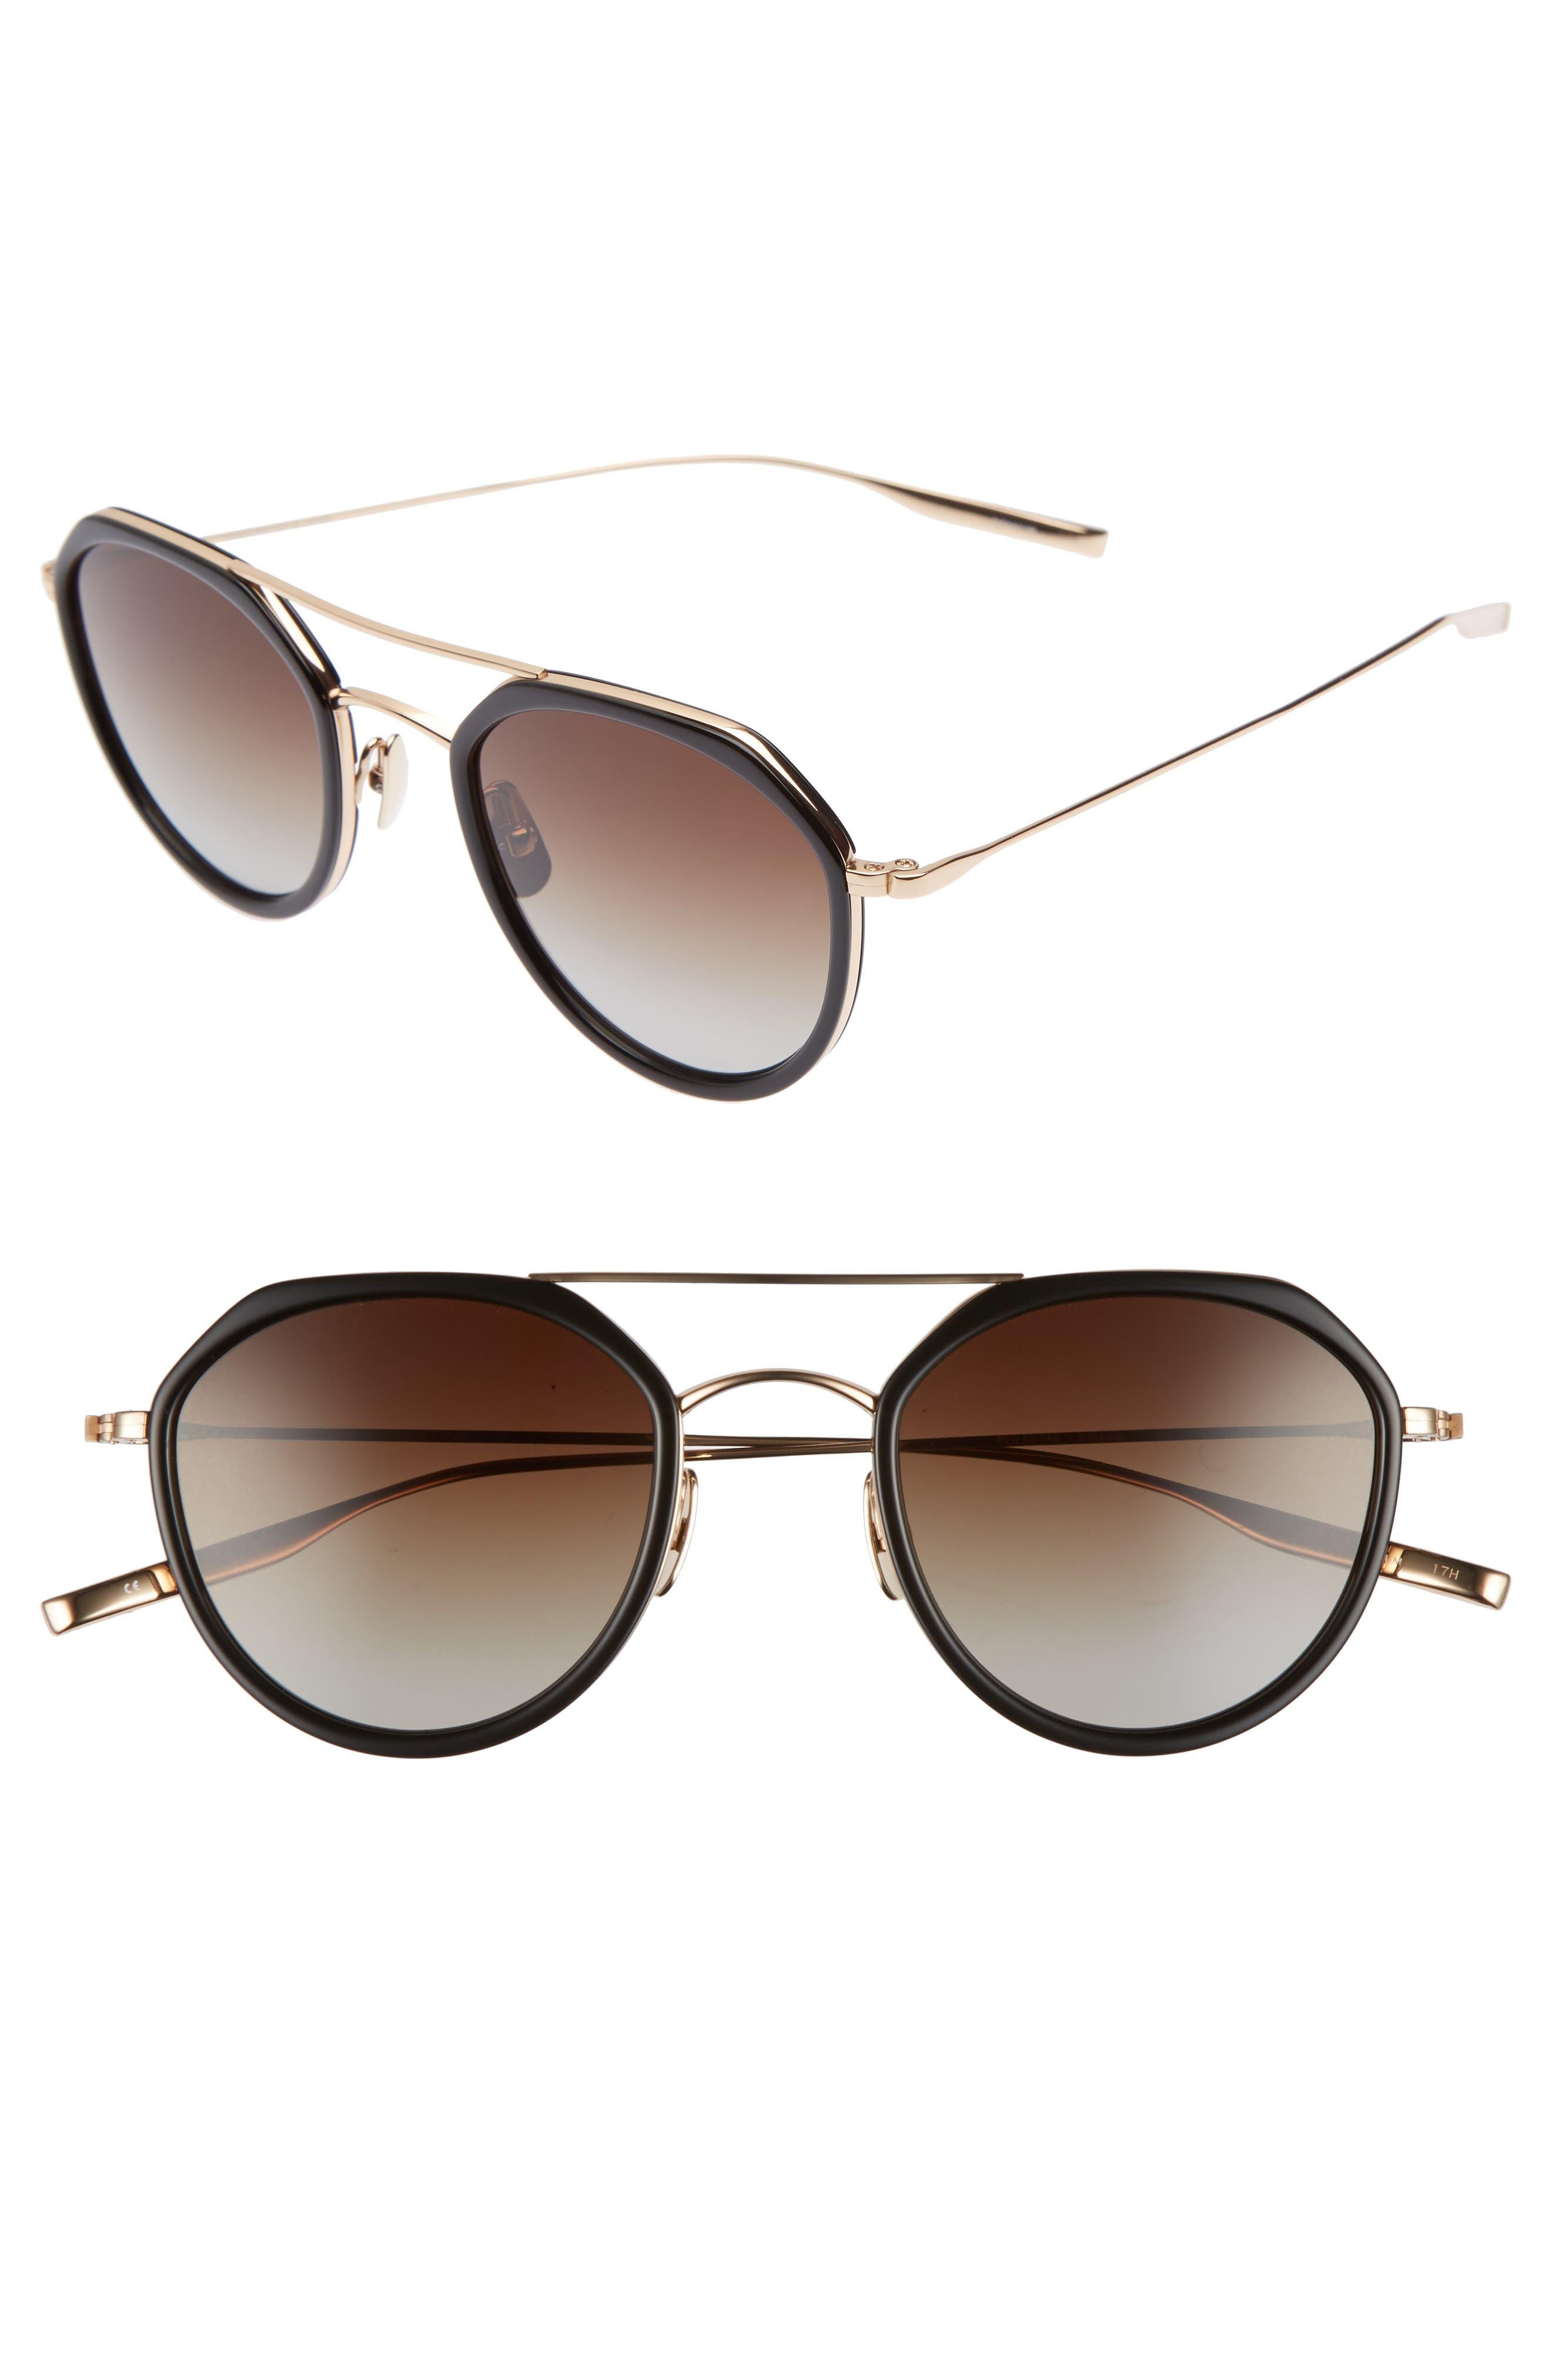 Dibergi Resin 50mm Polarized Round Sunglasses,                             Main thumbnail 1, color,                             BLACK/ HONEY GOLD